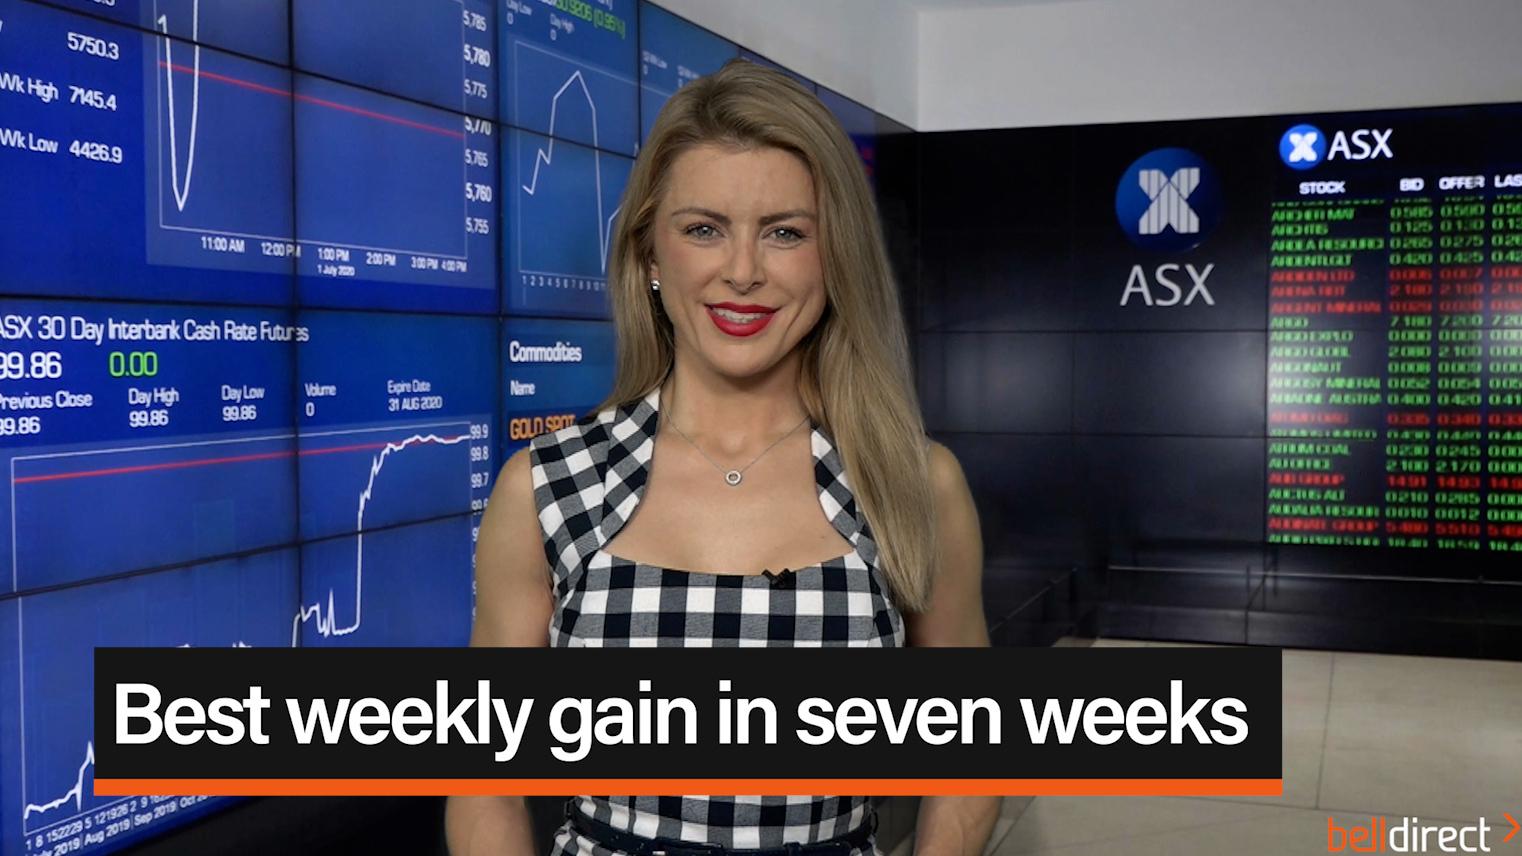 Best weekly gain in seven weeks